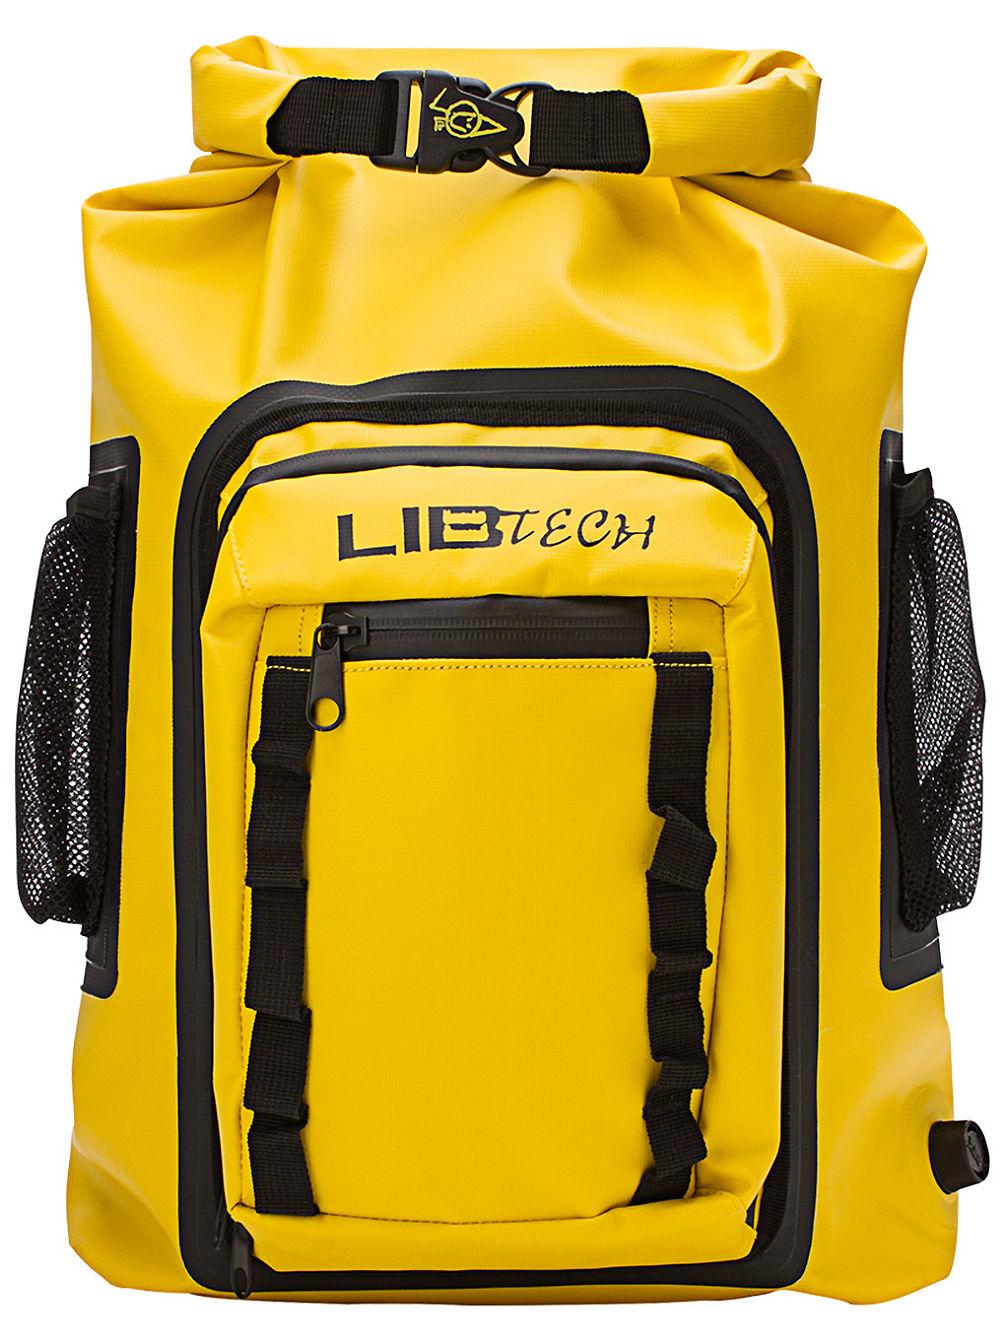 lib-tech-wharf-rad-dry-bag